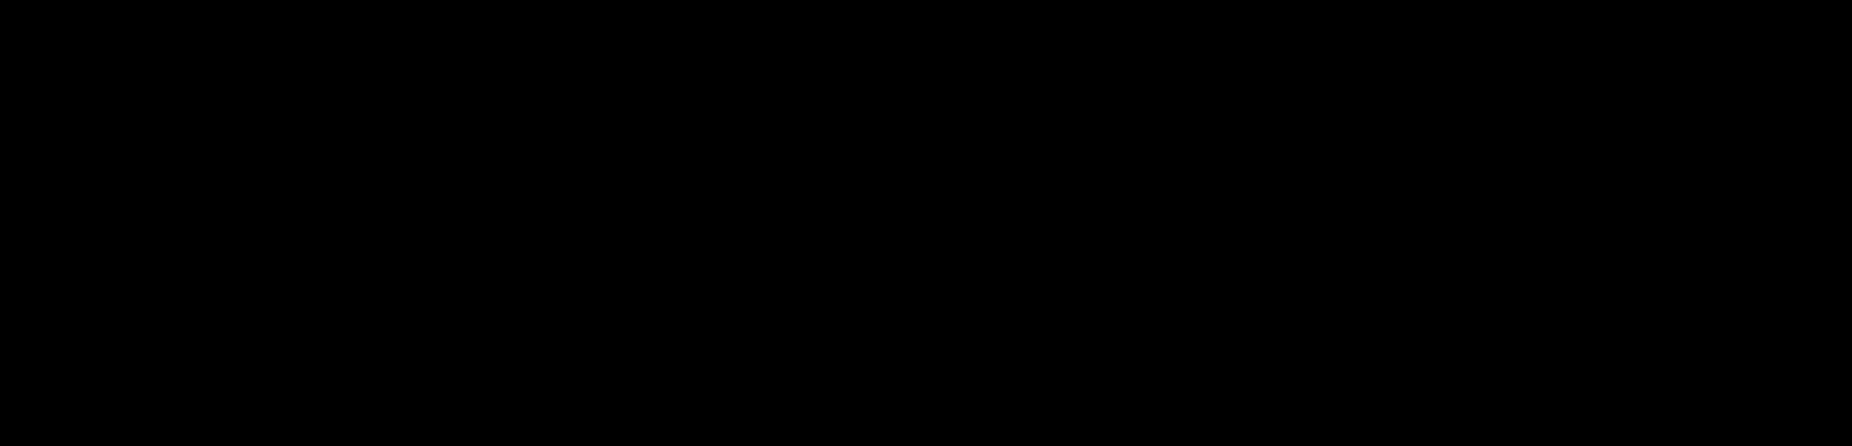 W-12 hydrochloride